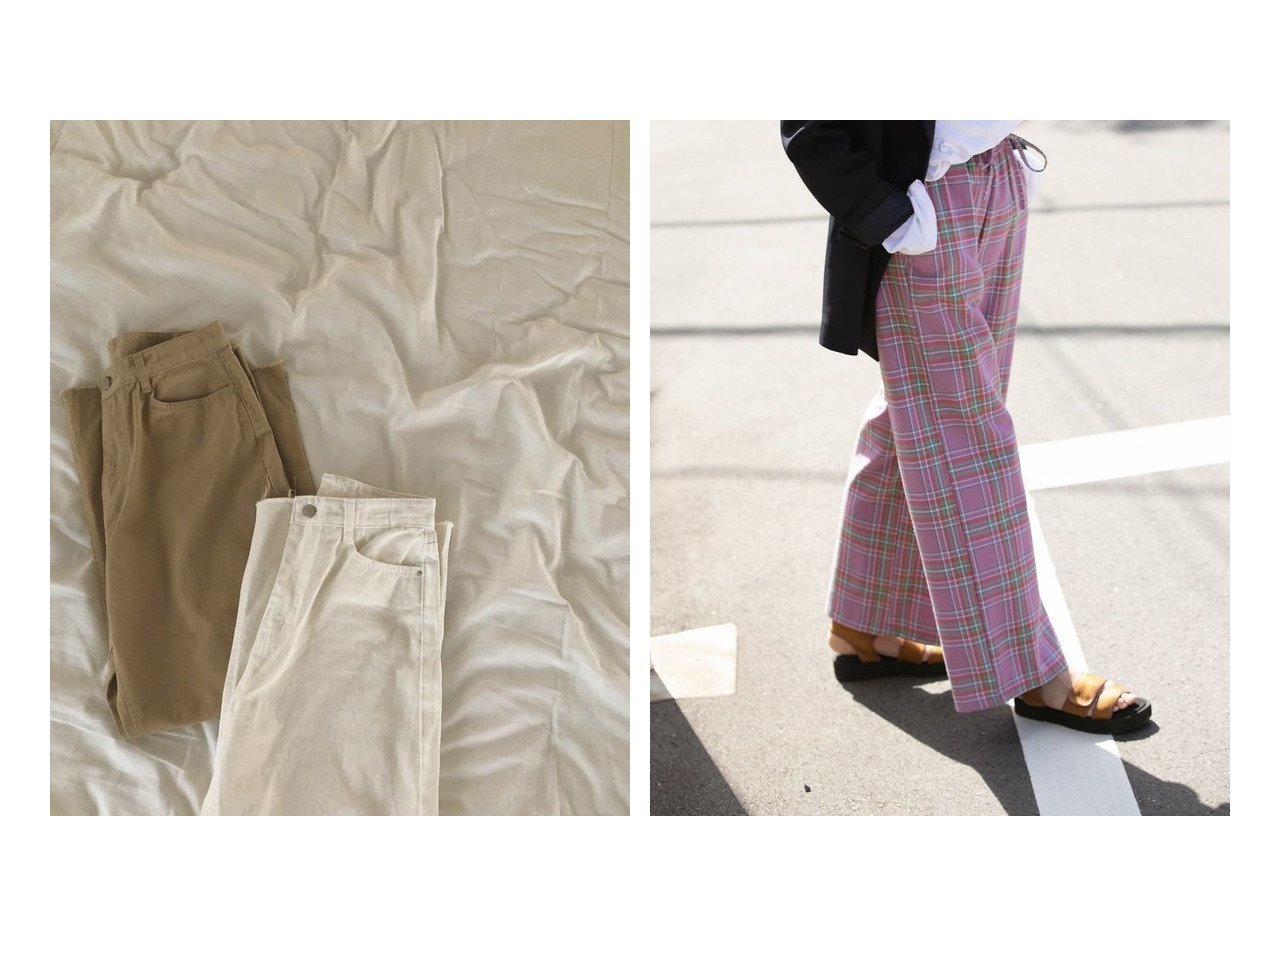 【marjour/マージュール】のリラックスチェックパンツ RELAX CHECK PANTS&カラーワイドデニム COLOR WIDE DENIM おすすめ!人気、トレンド・レディースファッションの通販 おすすめで人気の流行・トレンド、ファッションの通販商品 メンズファッション・キッズファッション・インテリア・家具・レディースファッション・服の通販 founy(ファニー) https://founy.com/ ファッション Fashion レディースファッション WOMEN パンツ Pants おすすめ Recommend ストライプ デニム ボーダー ワイド シンプル スウェット ストレート チェック リラックス 春 Spring |ID:crp329100000037034